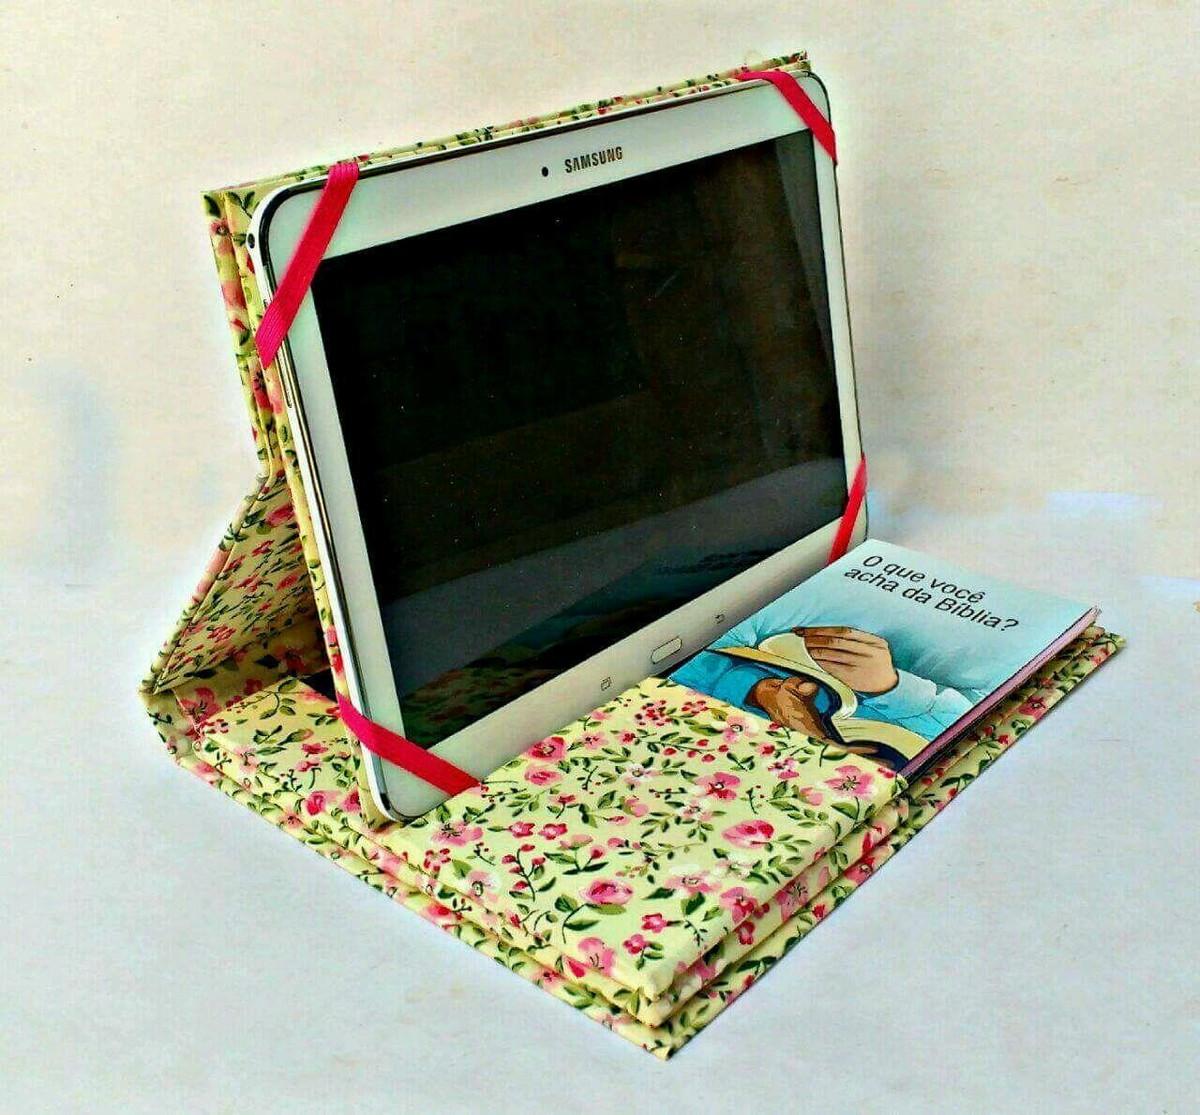 Capa pra tablet em cartonagem no Elo7   Laço de fita - Cartonagem ... ef8f7a7b1e